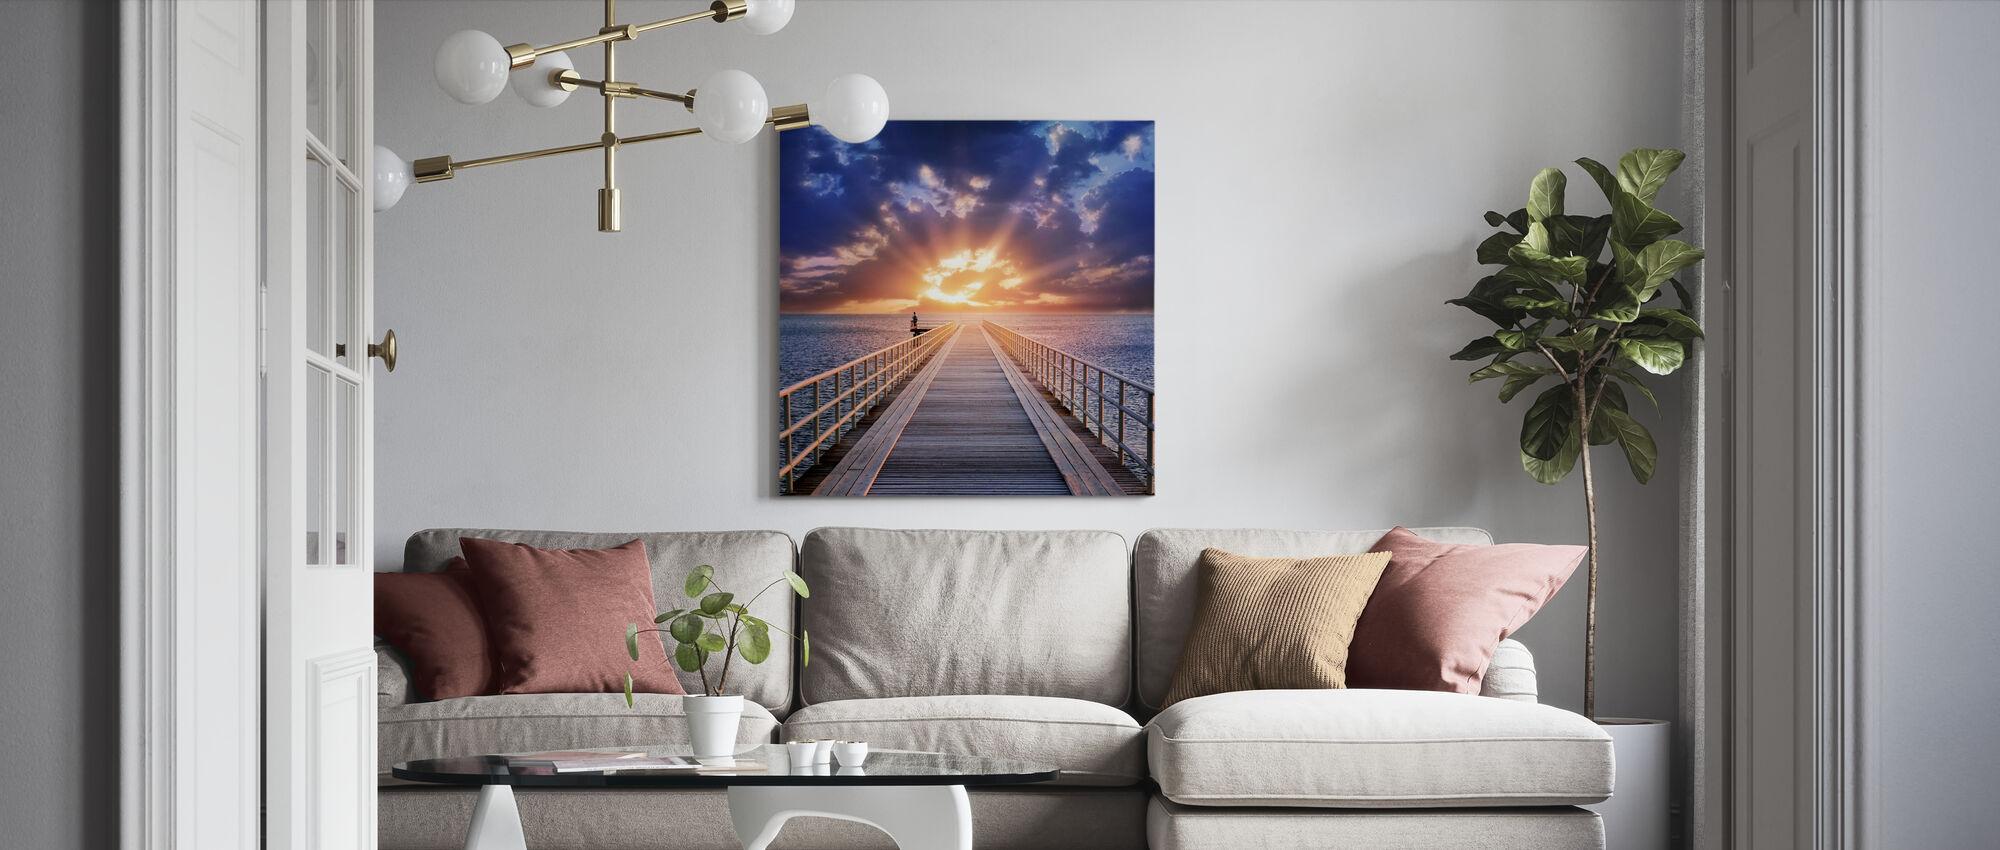 Bakgrundsbelysning bro - Canvastavla - Vardagsrum